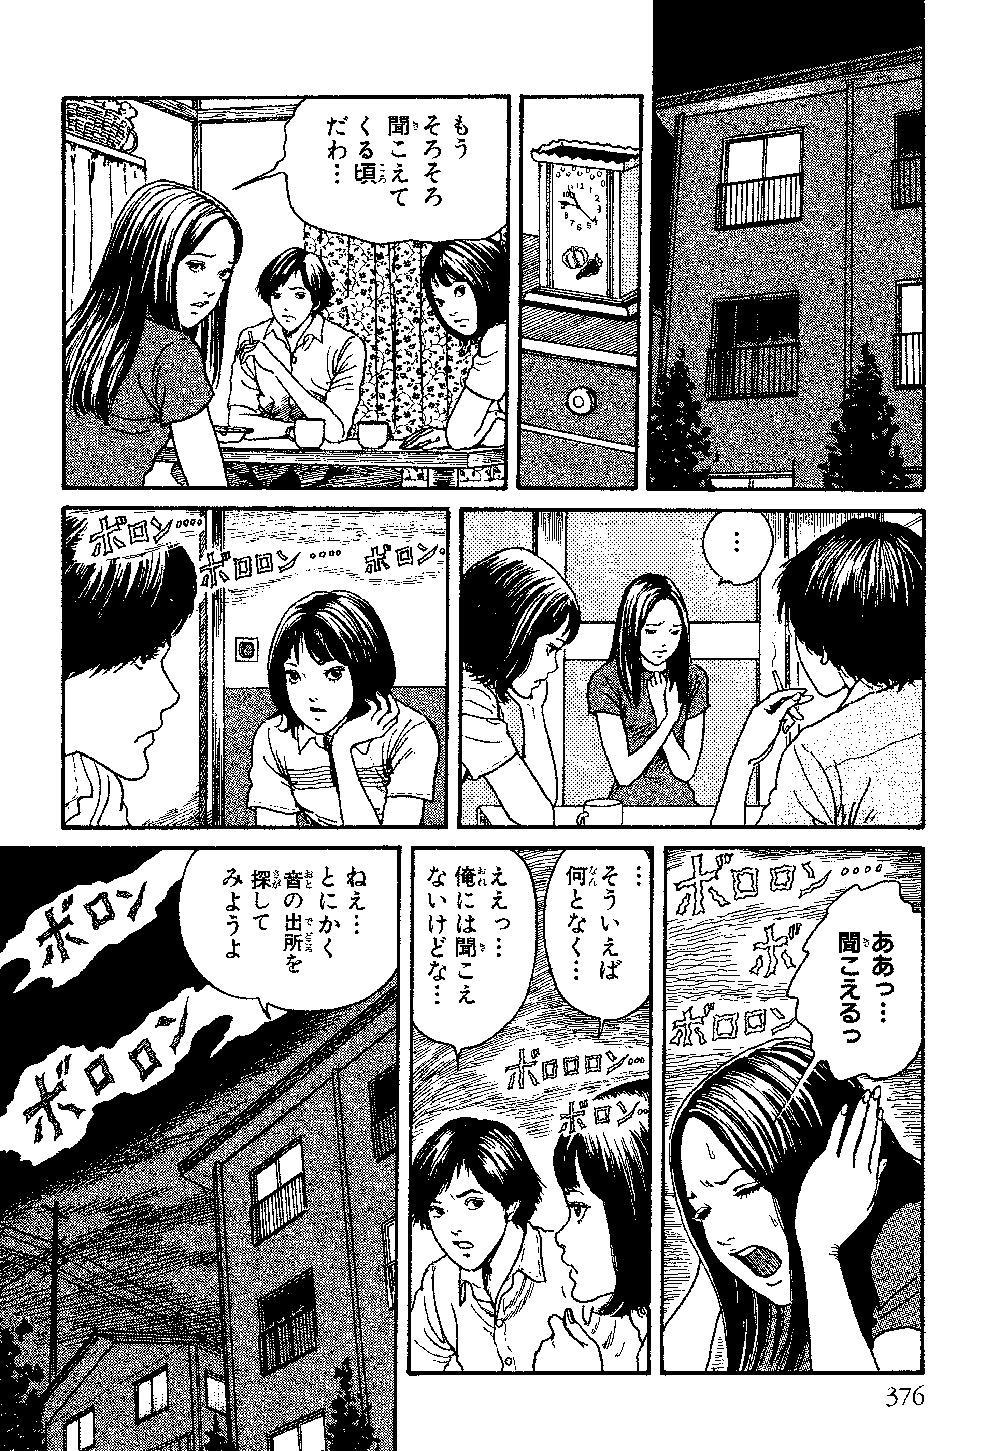 itouj_0004_0378.jpg